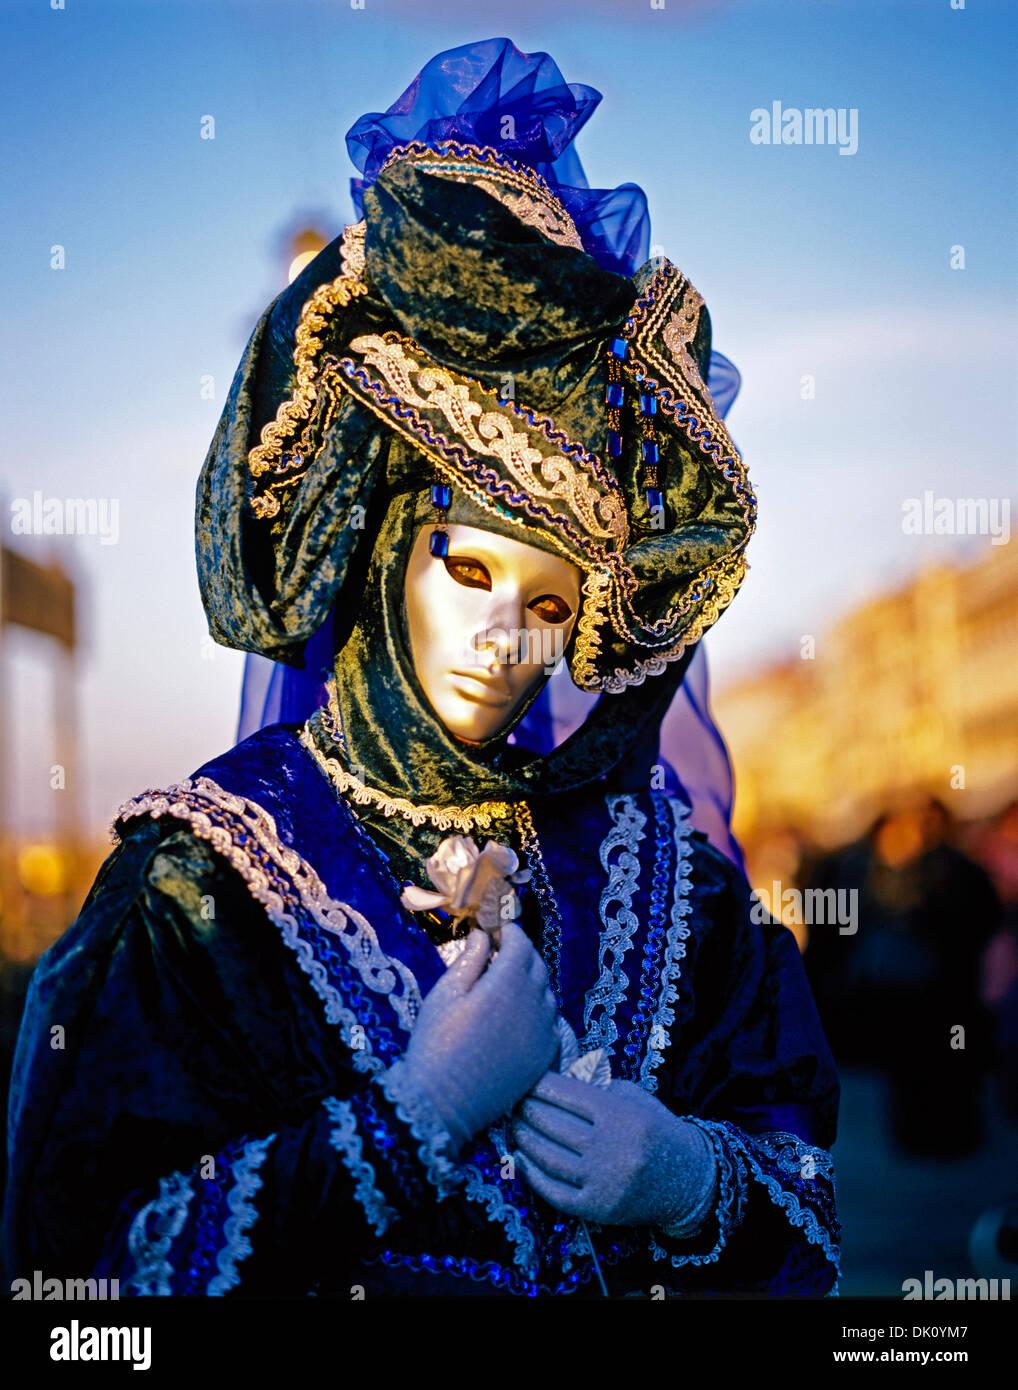 Participante em traje no carnaval anual mascarado, Veneza, Itália, Europa Imagens de Stock